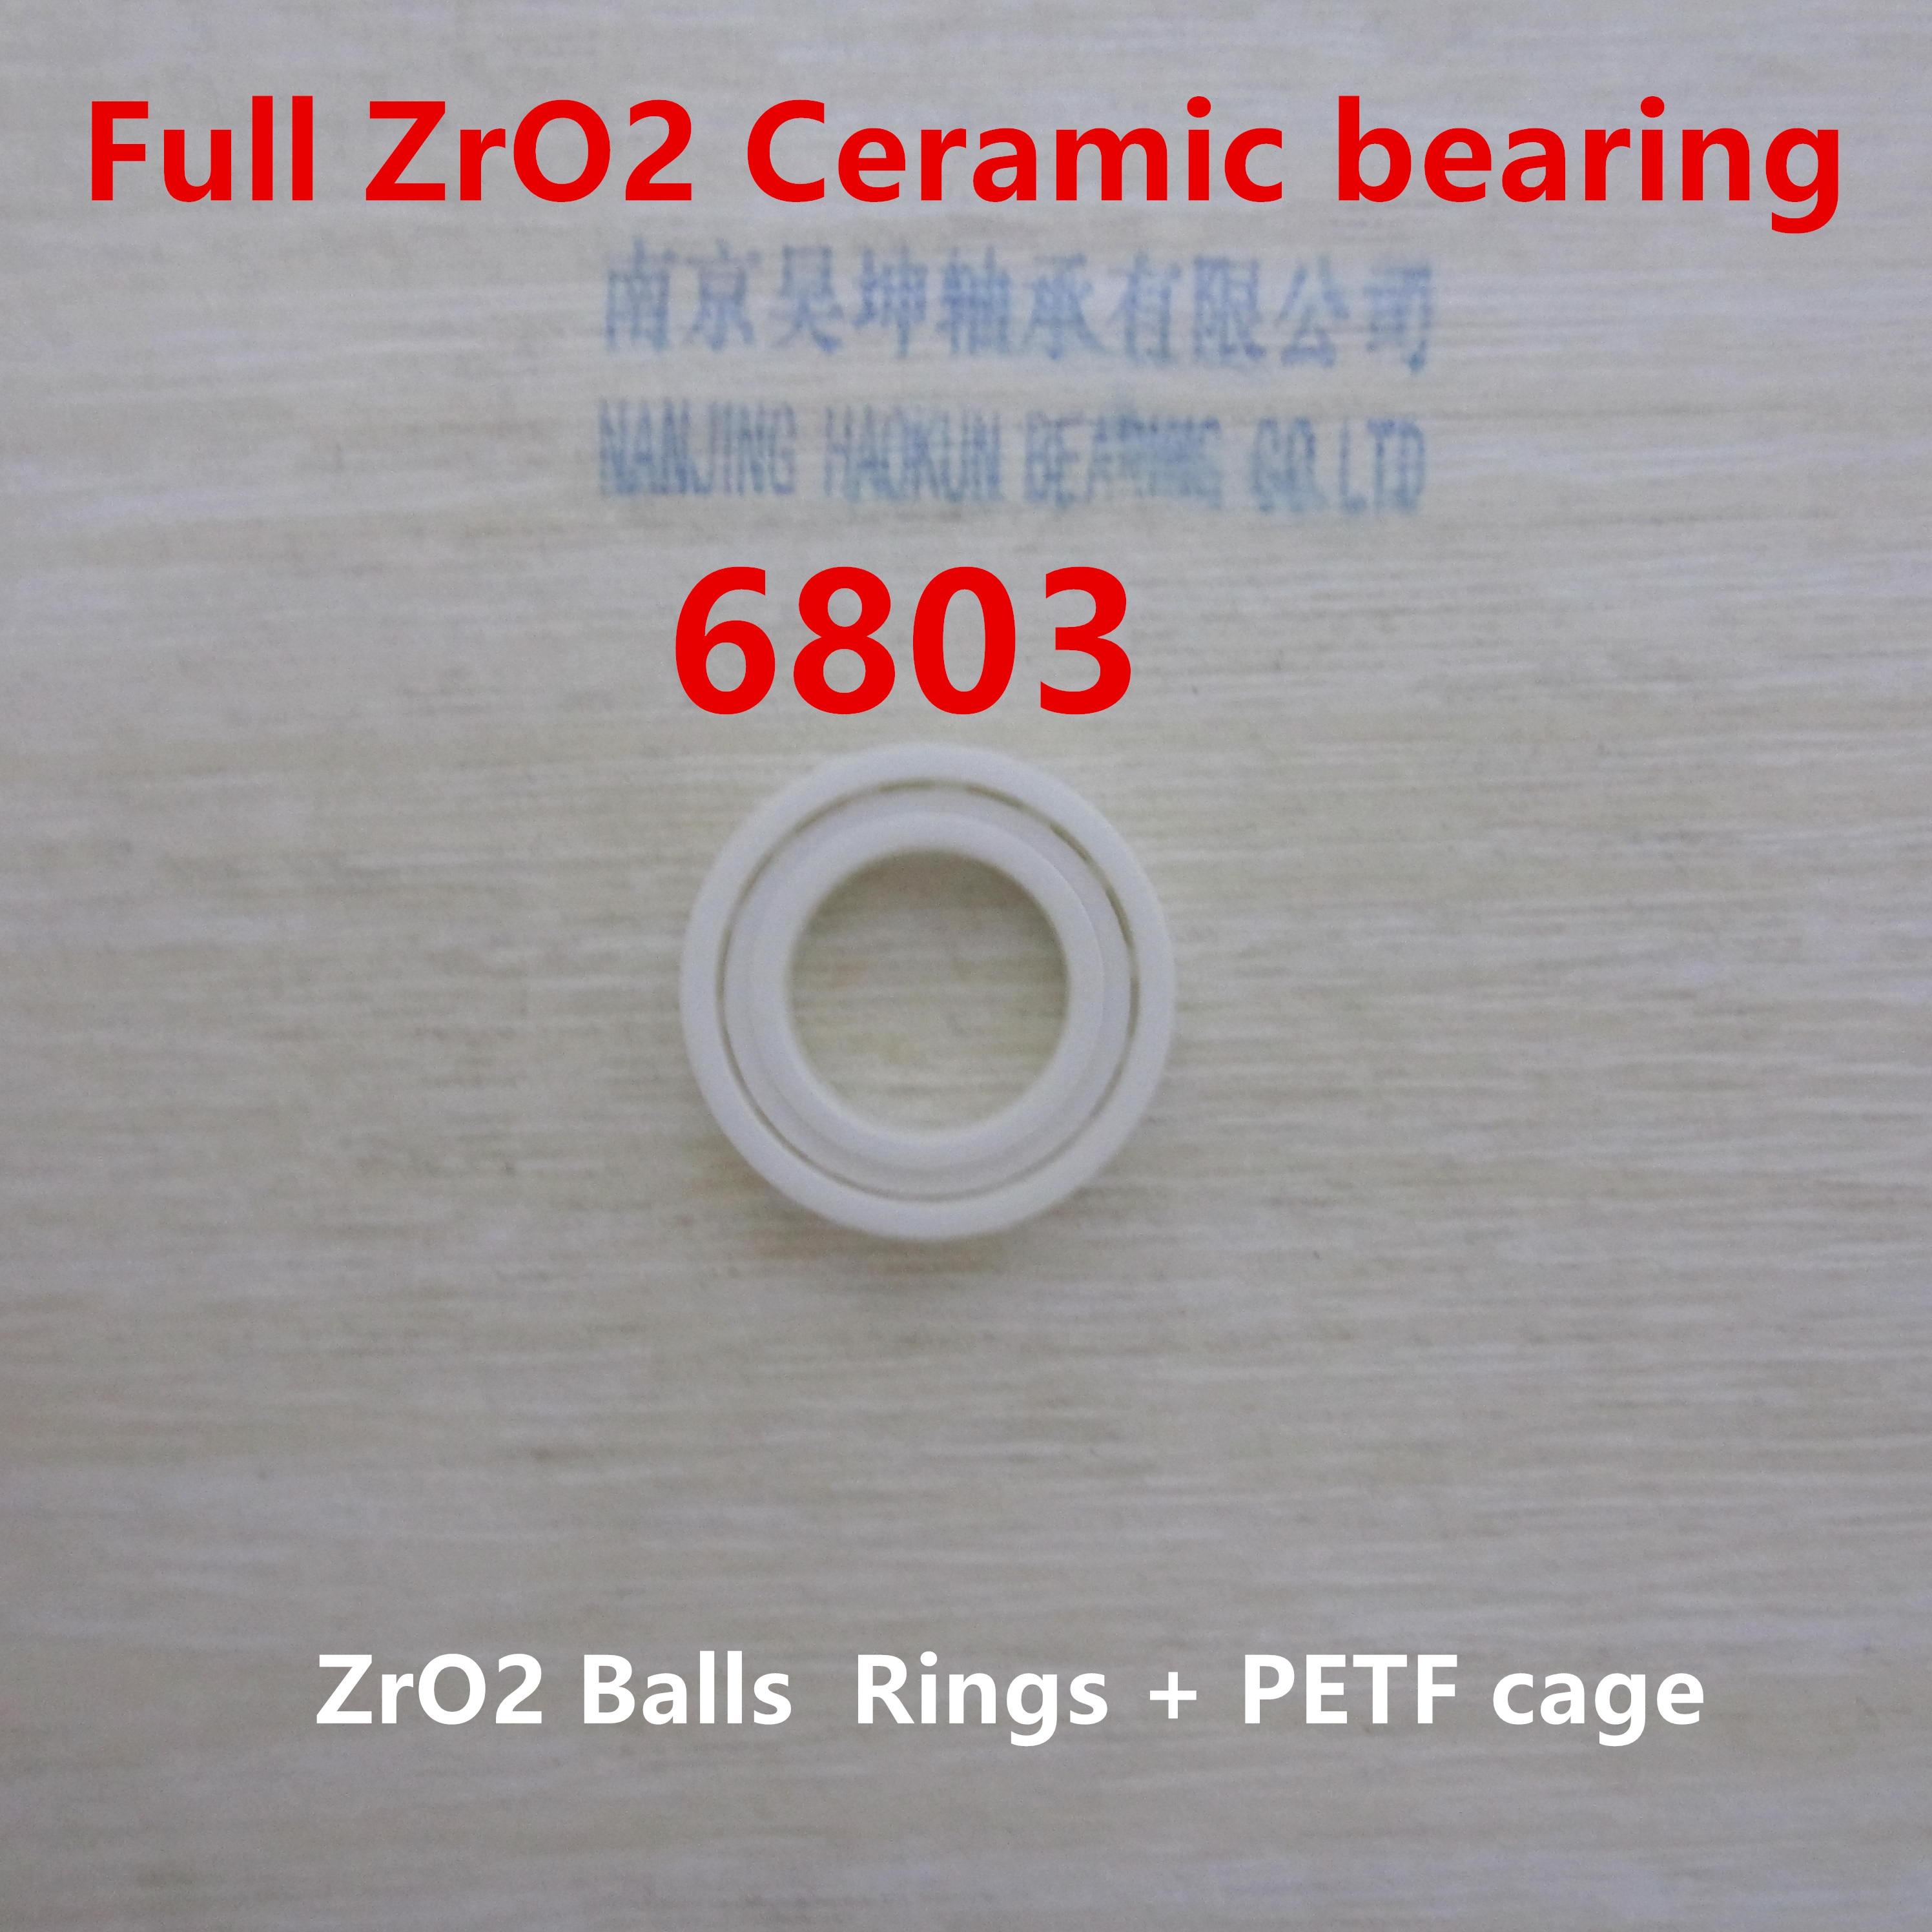 Ceramic bearing 6803 / 61803 17*26*5mm Full ZRO2 Ceramic material 15268 2rs ceramic wheel hub bearing zro2 15268 15 26 8mm full zro2 ceramic bike bearing